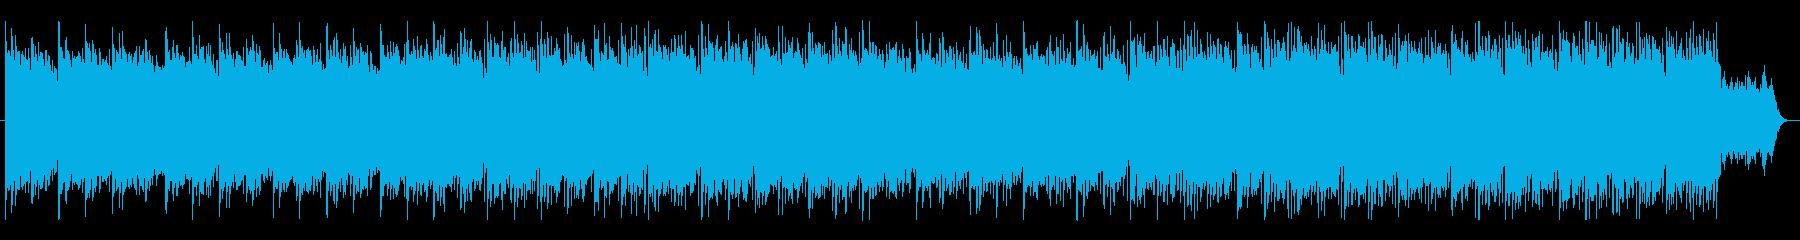 テクノロジー プレゼンテーション 温かいの再生済みの波形